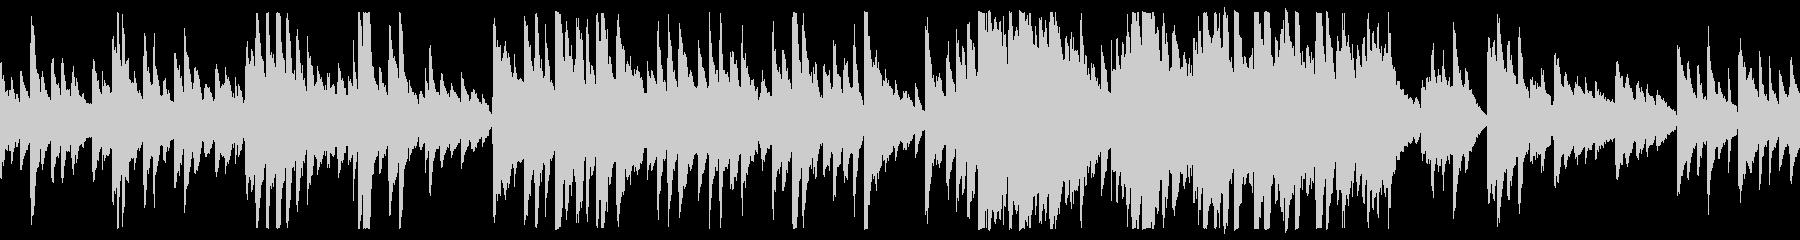 暖かい優しいスローピアノバラード(ループの未再生の波形